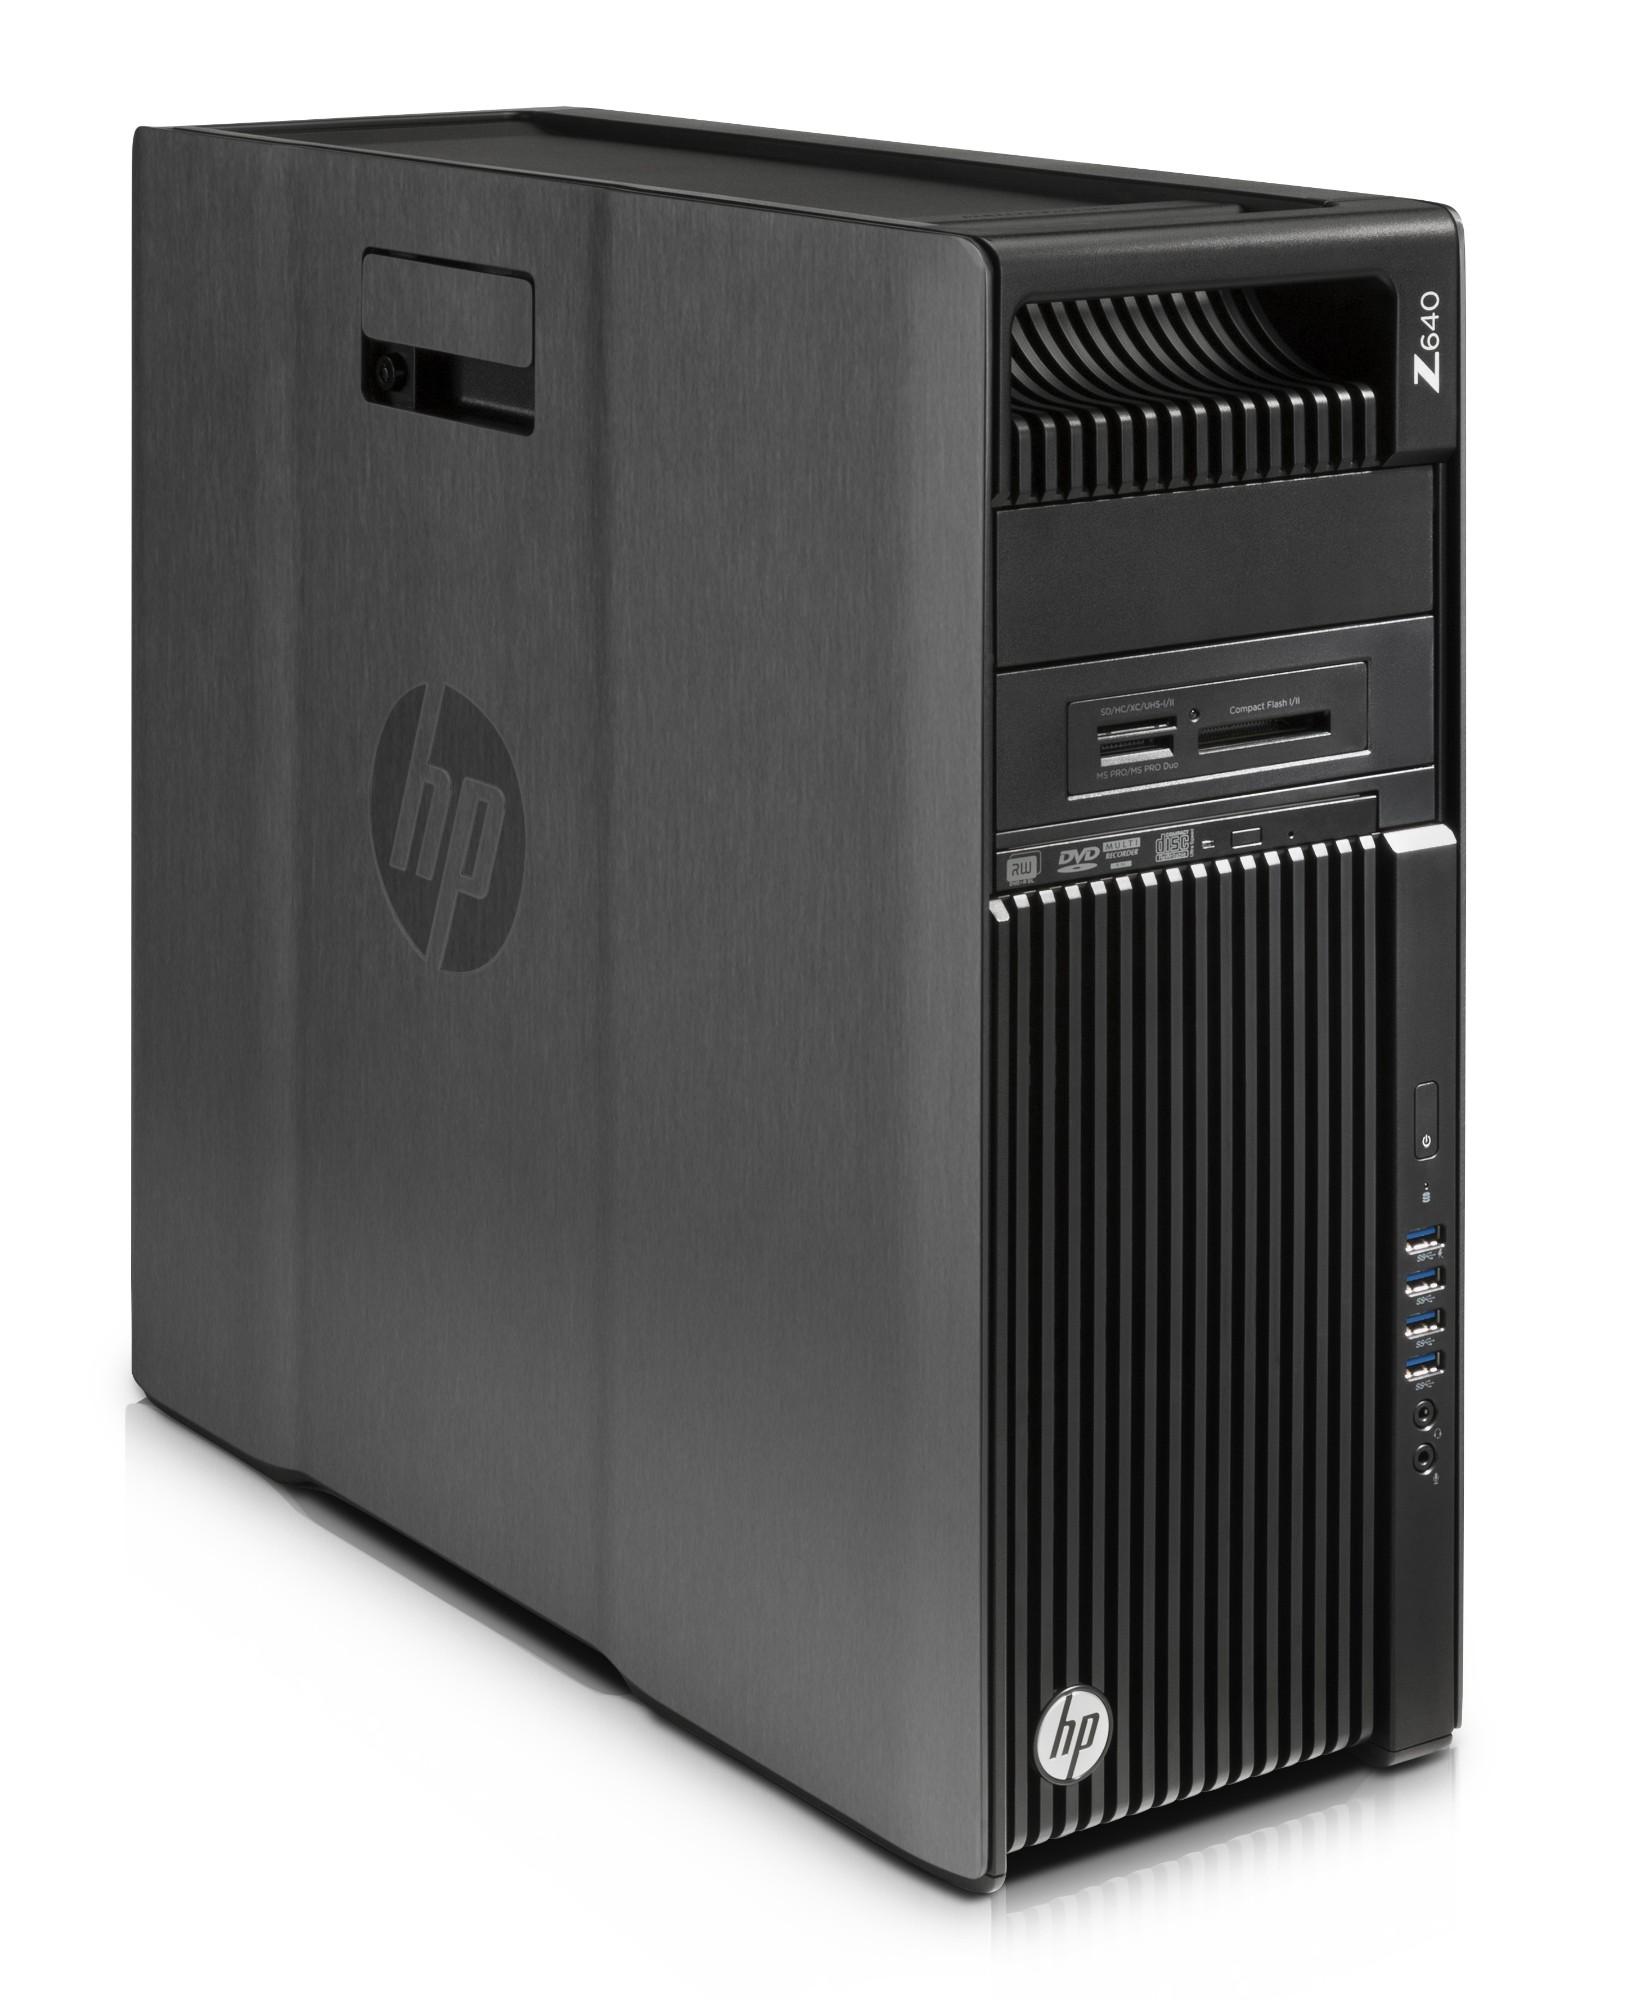 HP 640 2.4GHz E5-2620V3 Mini Tower Black Workstation